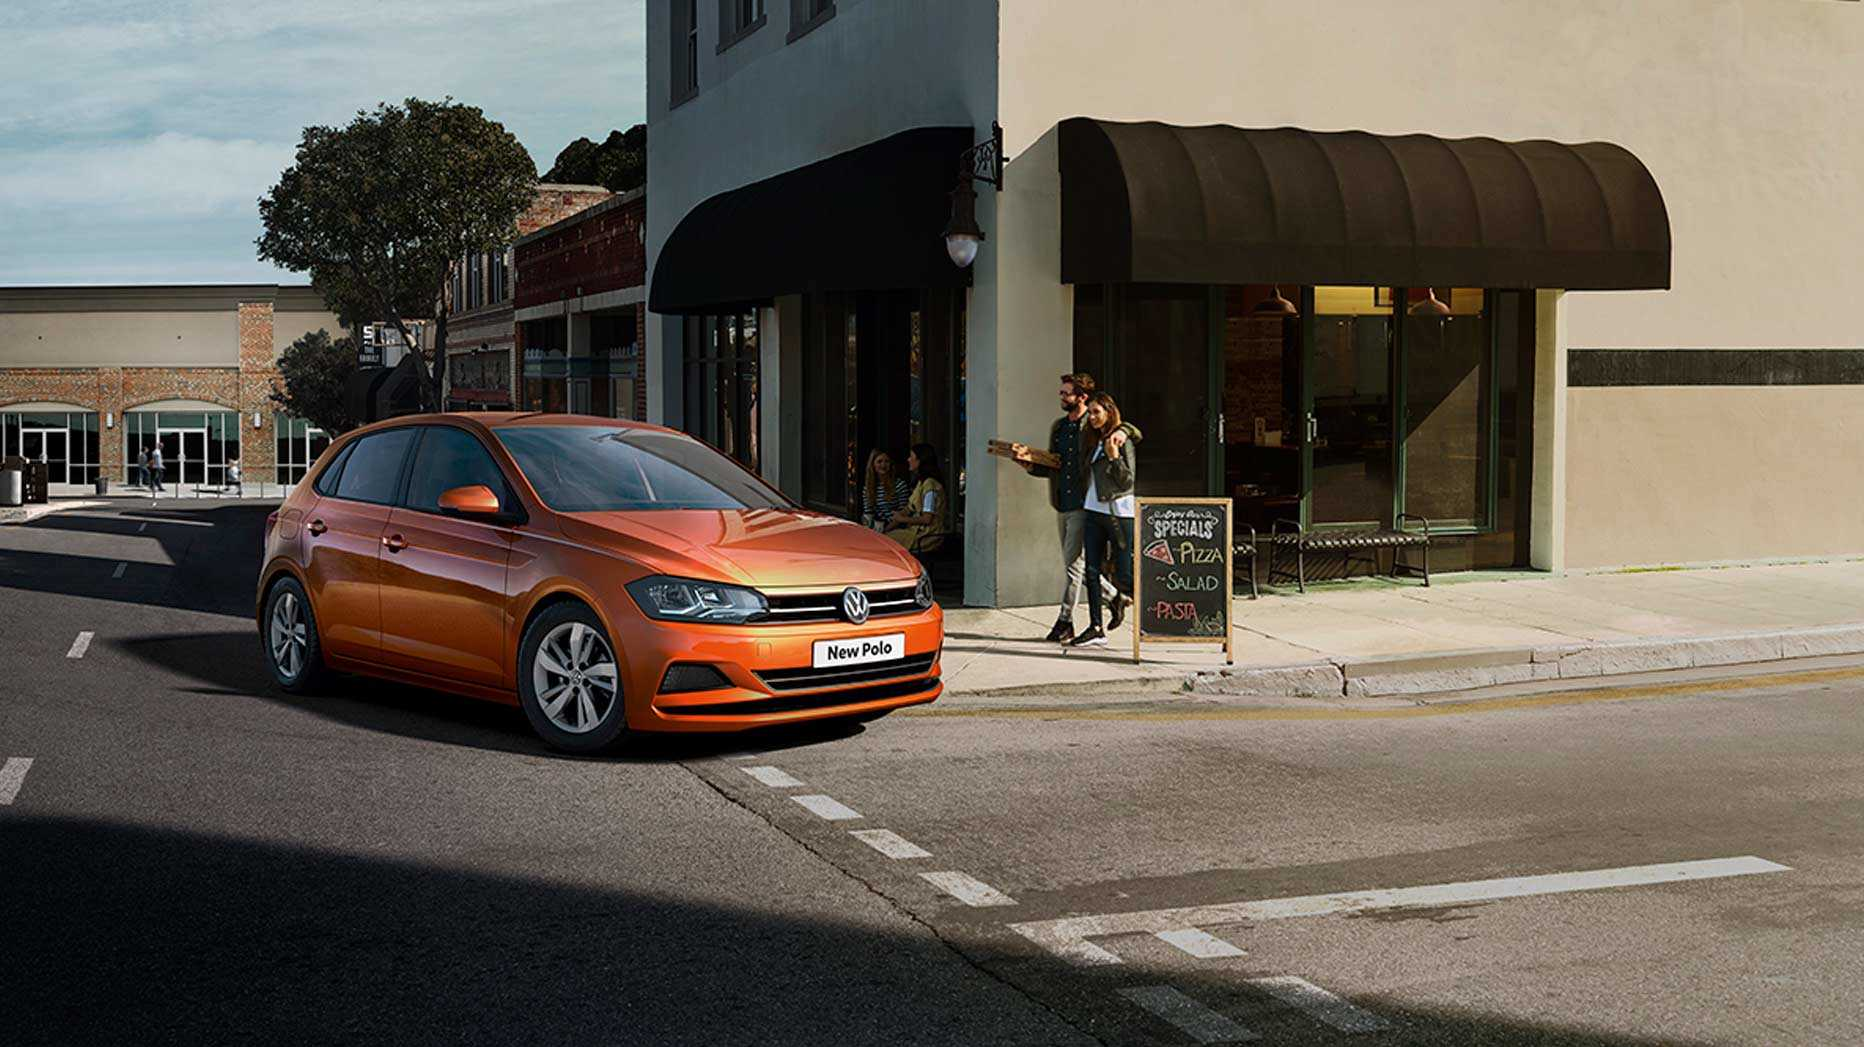 New Volkswagen Polo Deals & Offers at Lookers Volkswagen